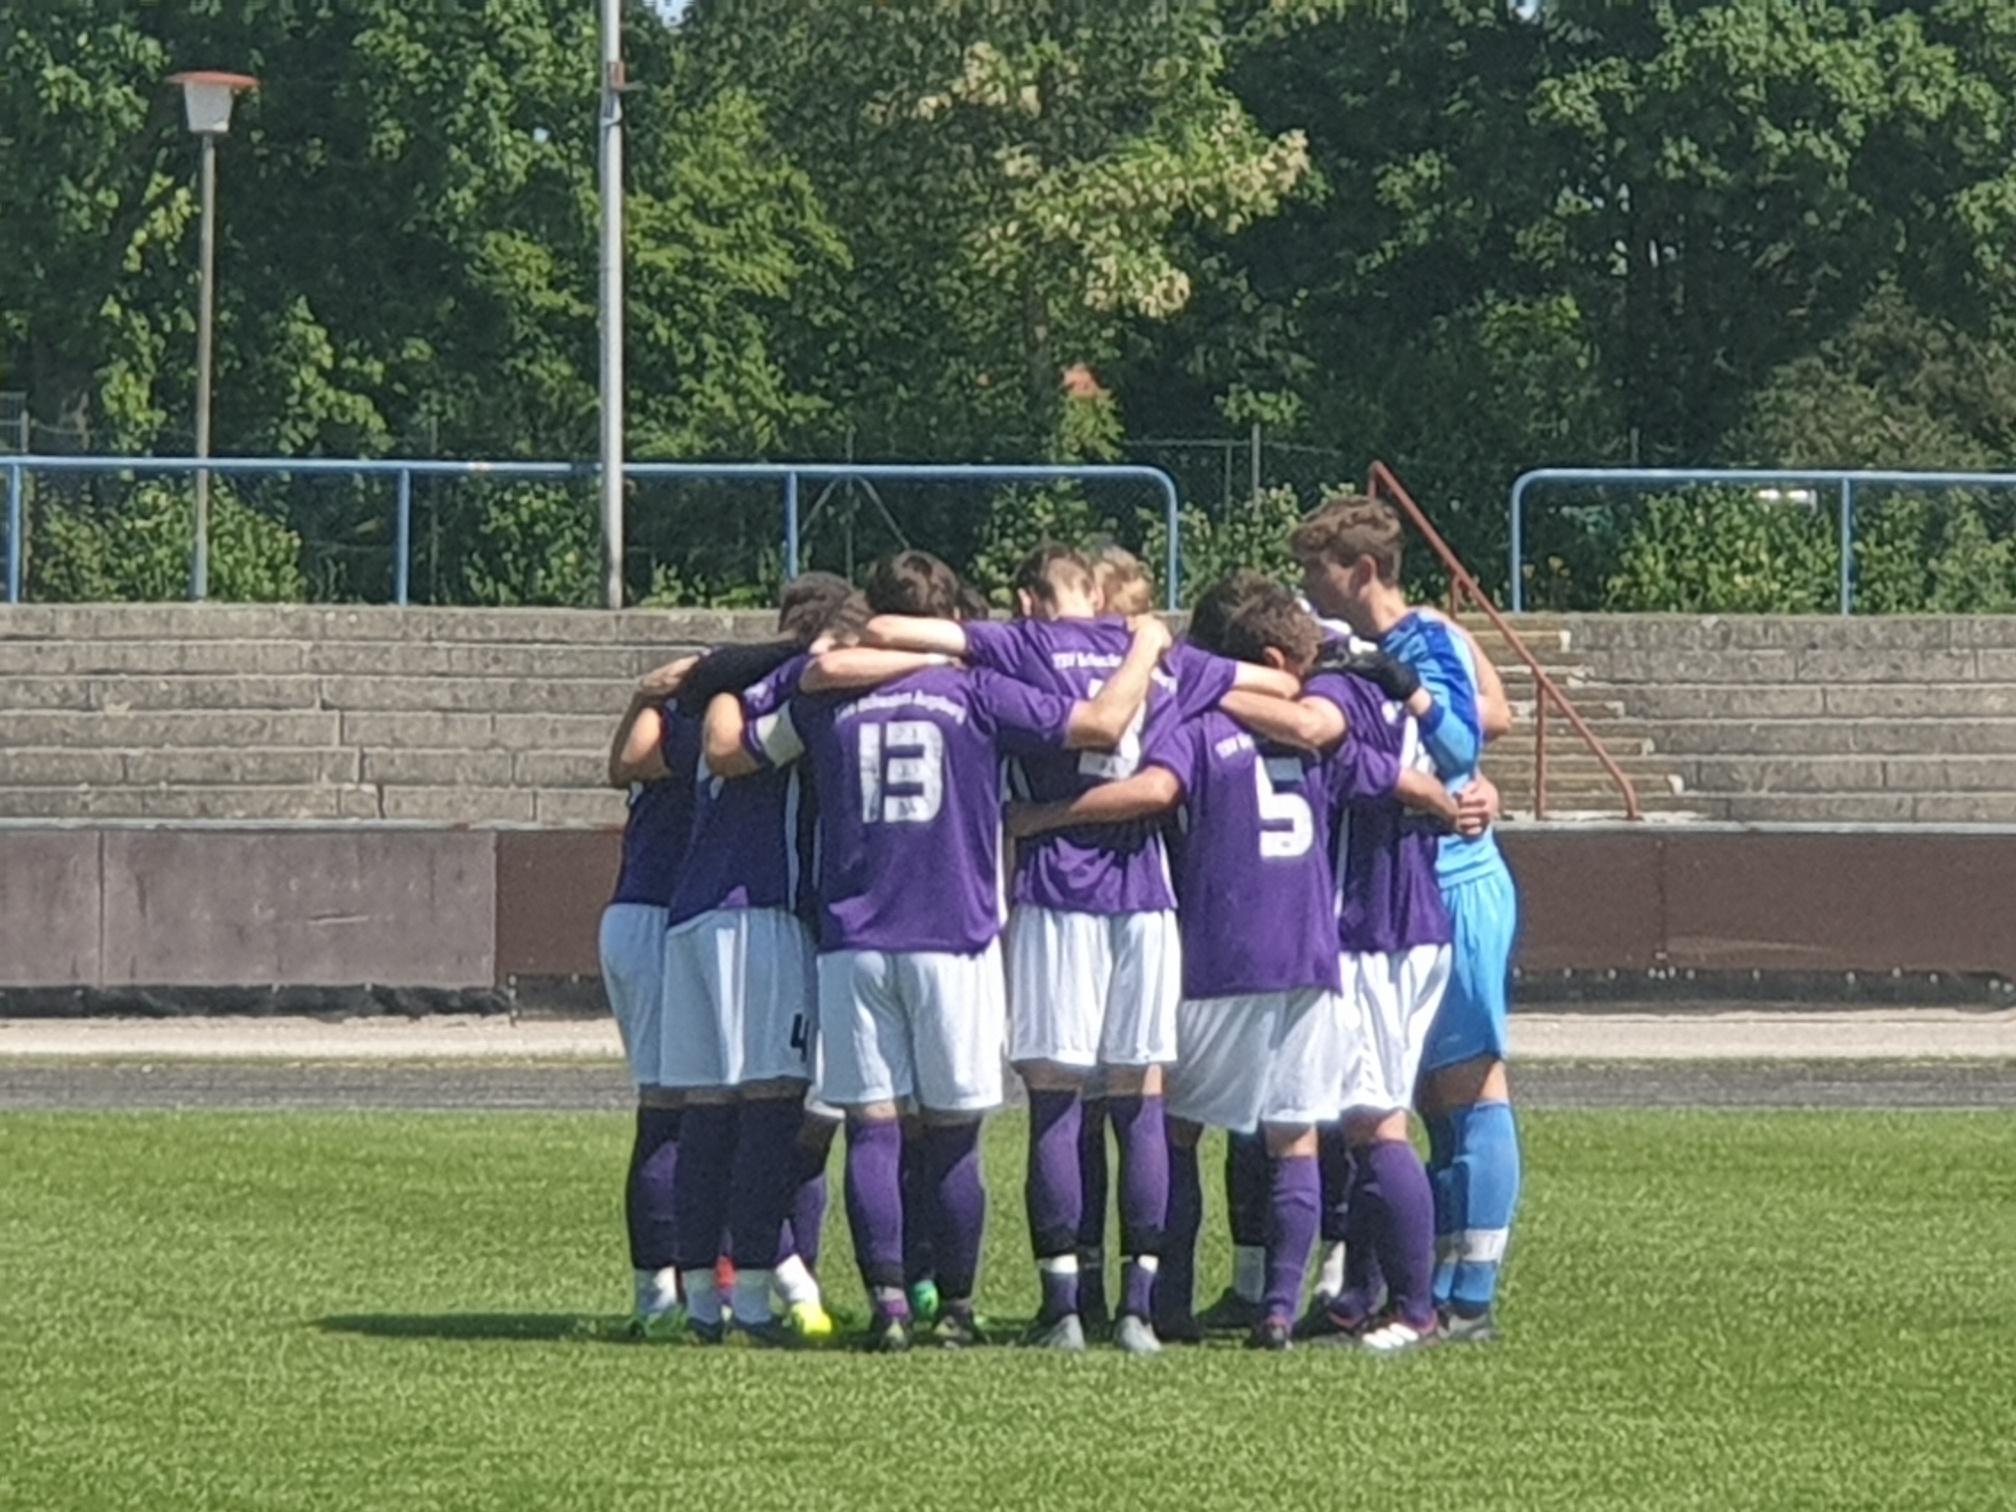 Ein Team